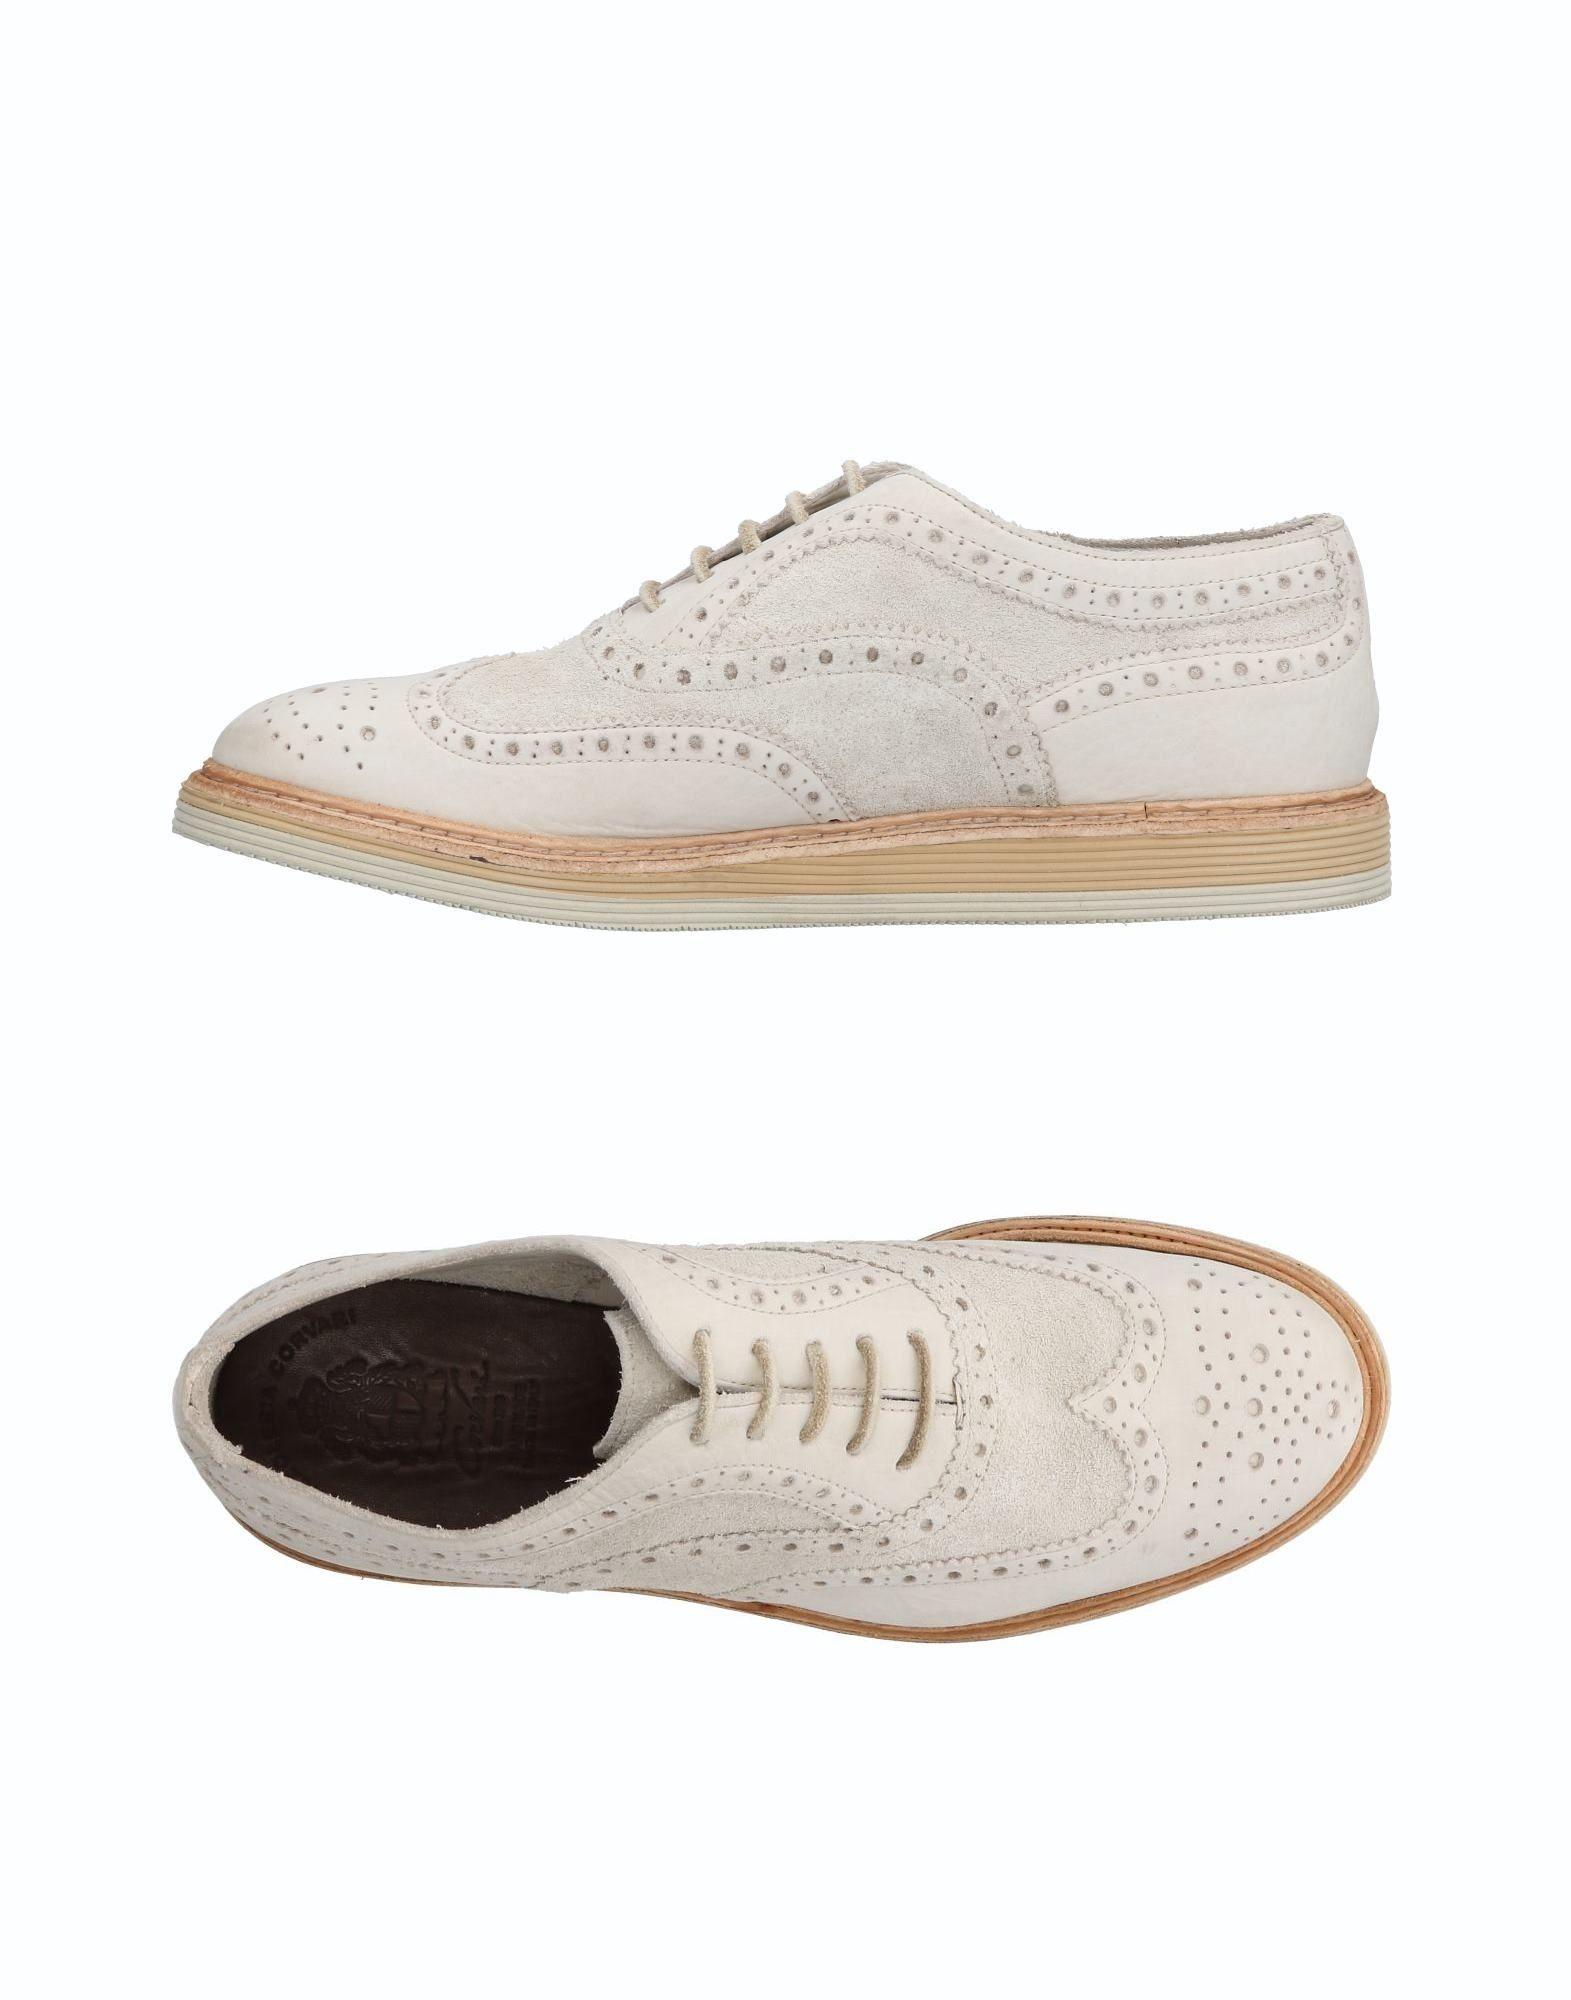 Rabatt Herren echte Schuhe Corvari Schnürschuhe Herren Rabatt  11499174RV fdecab